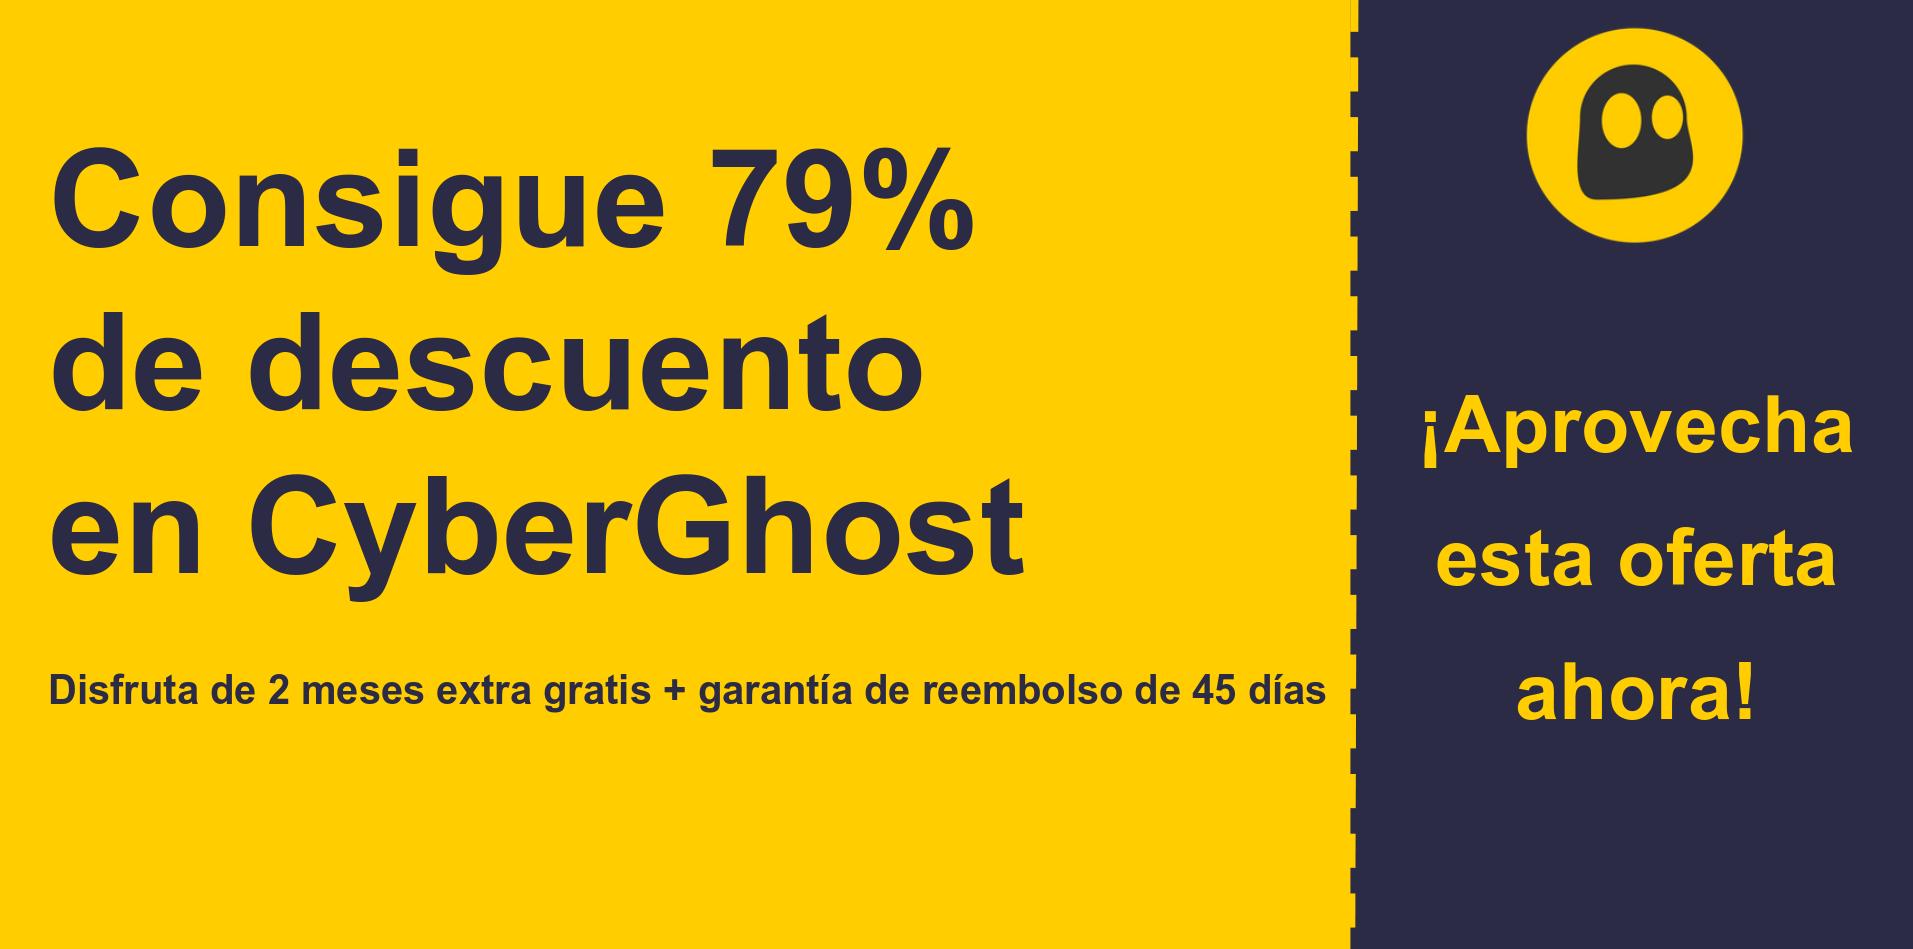 gráfico del banner del cupón principal de CyberGhostVPN que muestra un 79% de descuento